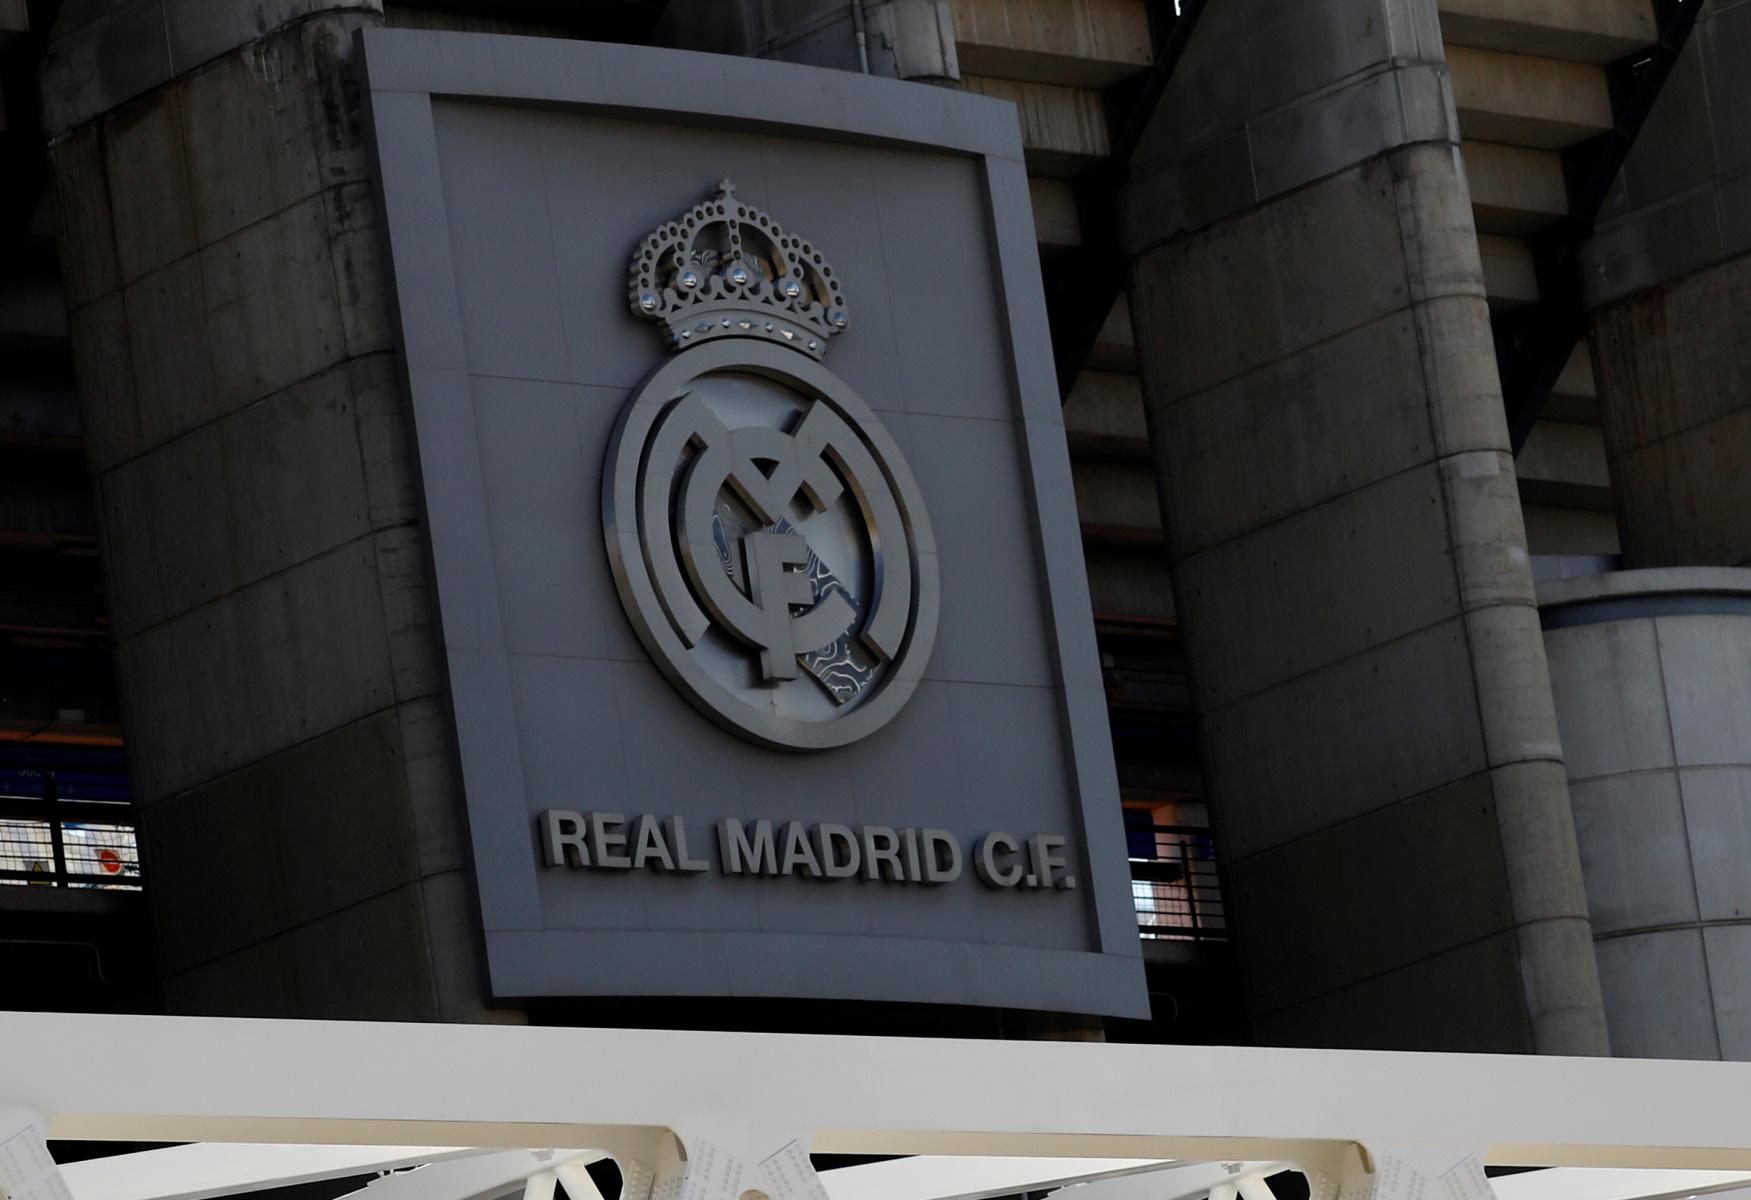 Ρεάλ Μαδρίτης κατά «Mundo Deportivo»: «Εντελώς αναληθές, παράλογο και απίθανο δημοσίευμα με σκοπό να βλάψει»